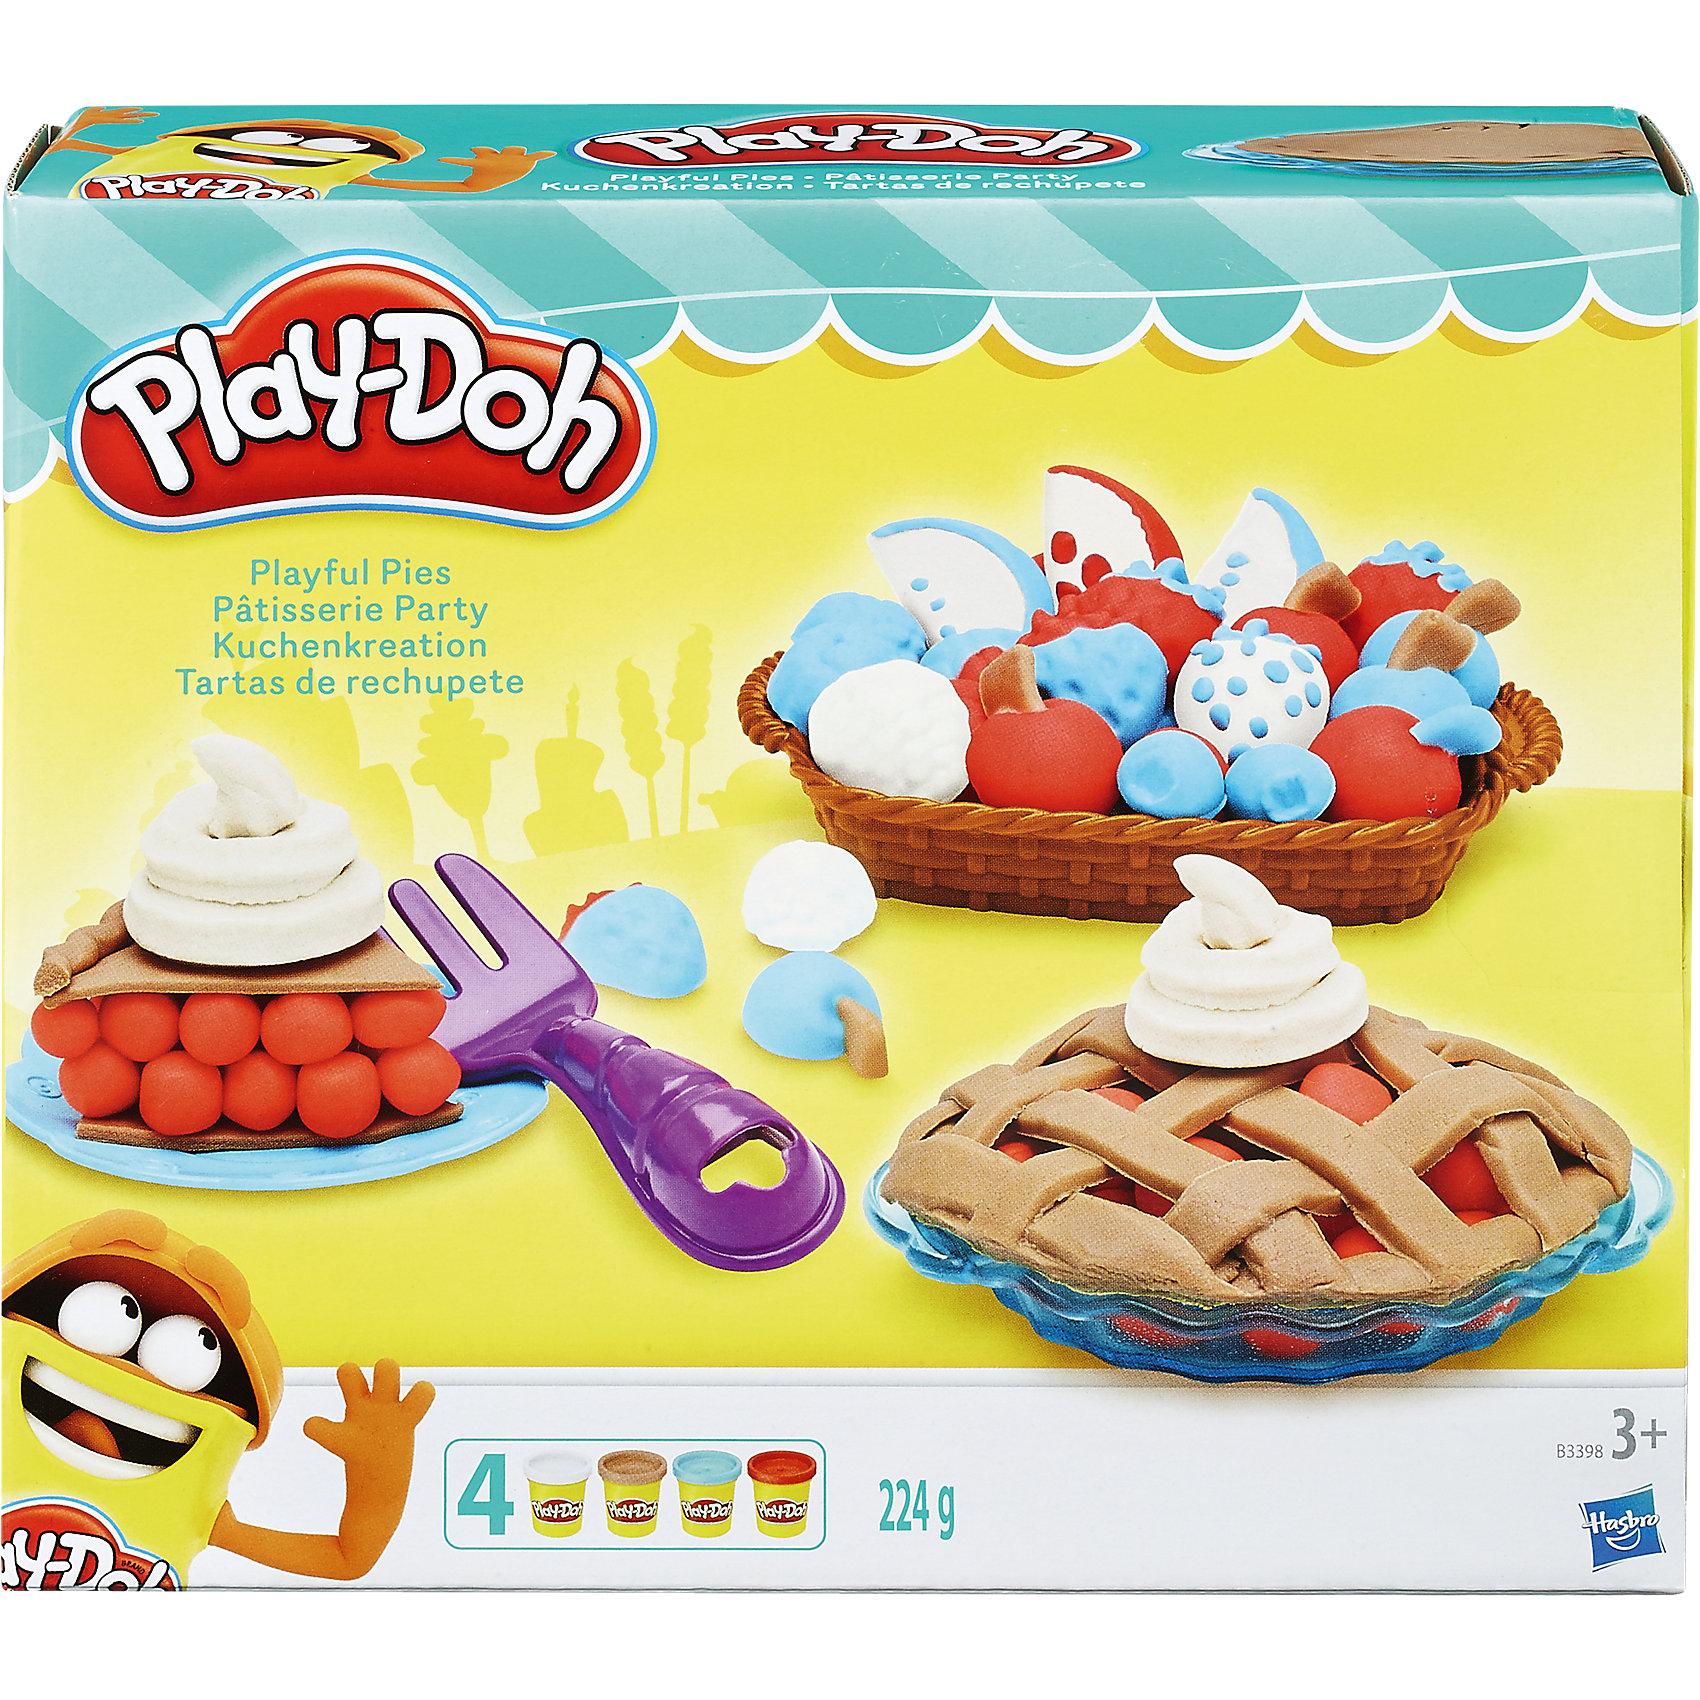 Игровой набор Ягодные тарталетки, Play-DohЛепка<br>Игровой набор Ягодные тарталетки, Play-Doh, превратит лепку в веселую увлекательную игру. Ваш ребенок сможет попробовать себя в роли искусного кондитера и приготовить аппетитные тарталетки с ягодами. Для этого в наборе есть все необходимое: баночки с массой для лепки, совок, вилка, дозатор, тарелочки для пирожных и корзинка с фигурным дном. Набор позволяет воплотить все свои фантазии и создавать неповторимые кулинарные шедевры - красивые торты, пирожные с фруктами или ягодные пироги. Пластилин Play-Doh отличается высоким качеством, безопасен для детей, легко разминается, не липнет к рукам и не пачкает одежду. Занятия лепкой развивают у ребенка фантазию, творческие способности и объемное воображение, тренируют координацию движений и мелкую моторику.<br><br>Дополнительная информация:<br><br>- В комплекте: 4 баночки пластилина Play-Doh ( белый, оранжевый, песочный и голубой), аксессуары (2 тарелочки, вилка, дозатор, совочек, корзинка с формами для создания сладостей).<br>- Размер упаковки: 20 х 6 х 18 см.<br>- Вес: 0,224 кг.<br><br>Игровой набор Ягодные тарталетки, Play-Doh (Плей-До), можно купить в нашем интернет-магазине.<br><br>Ширина мм: 210<br>Глубина мм: 180<br>Высота мм: 62<br>Вес г: 451<br>Возраст от месяцев: 36<br>Возраст до месяцев: 72<br>Пол: Женский<br>Возраст: Детский<br>SKU: 4319031